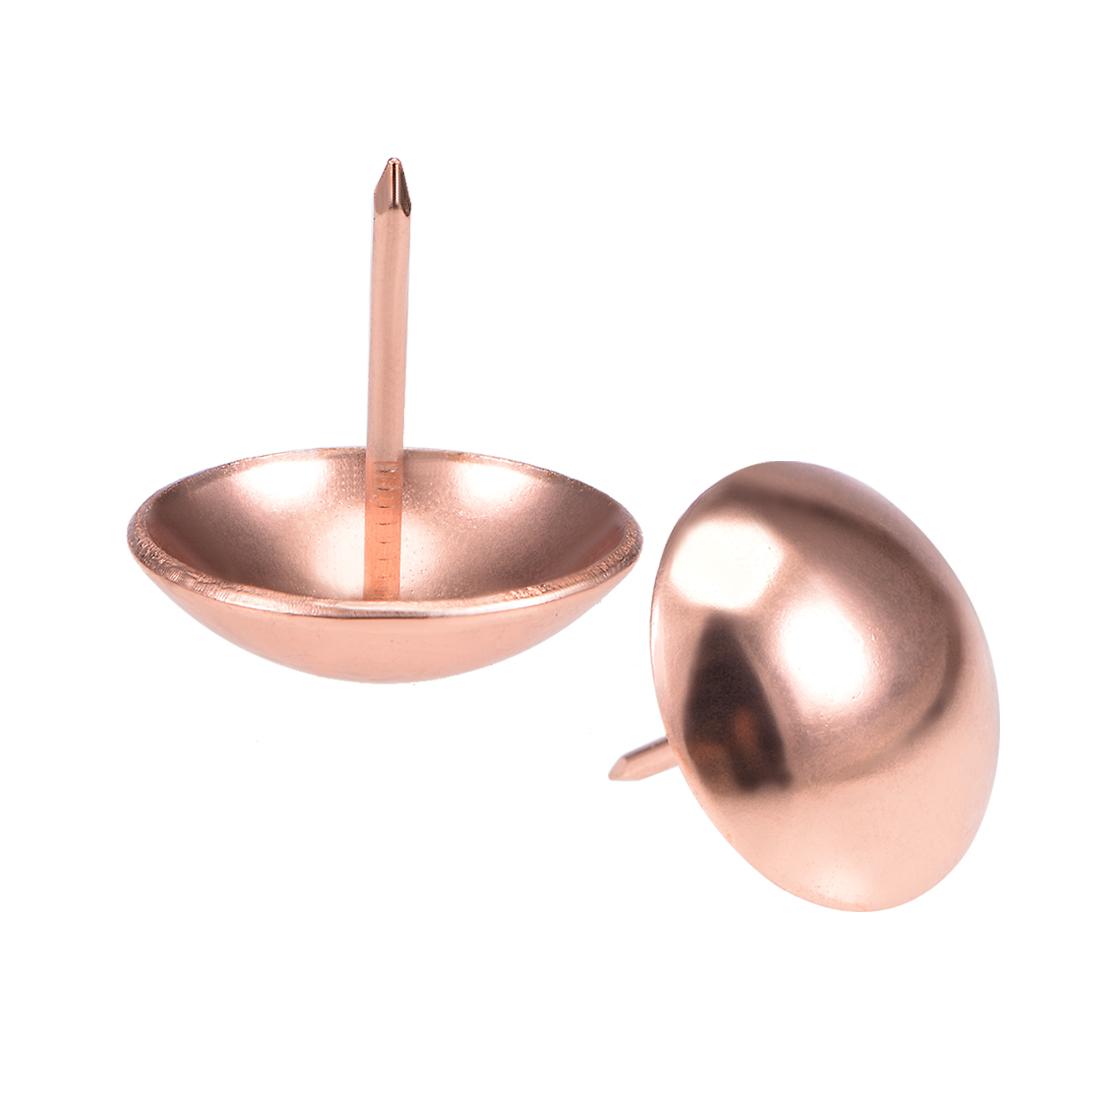 Upholstery Nails Tacks 25mmx25mm Round Thumb Push Pins Rose Gold Tone 15 Pcs